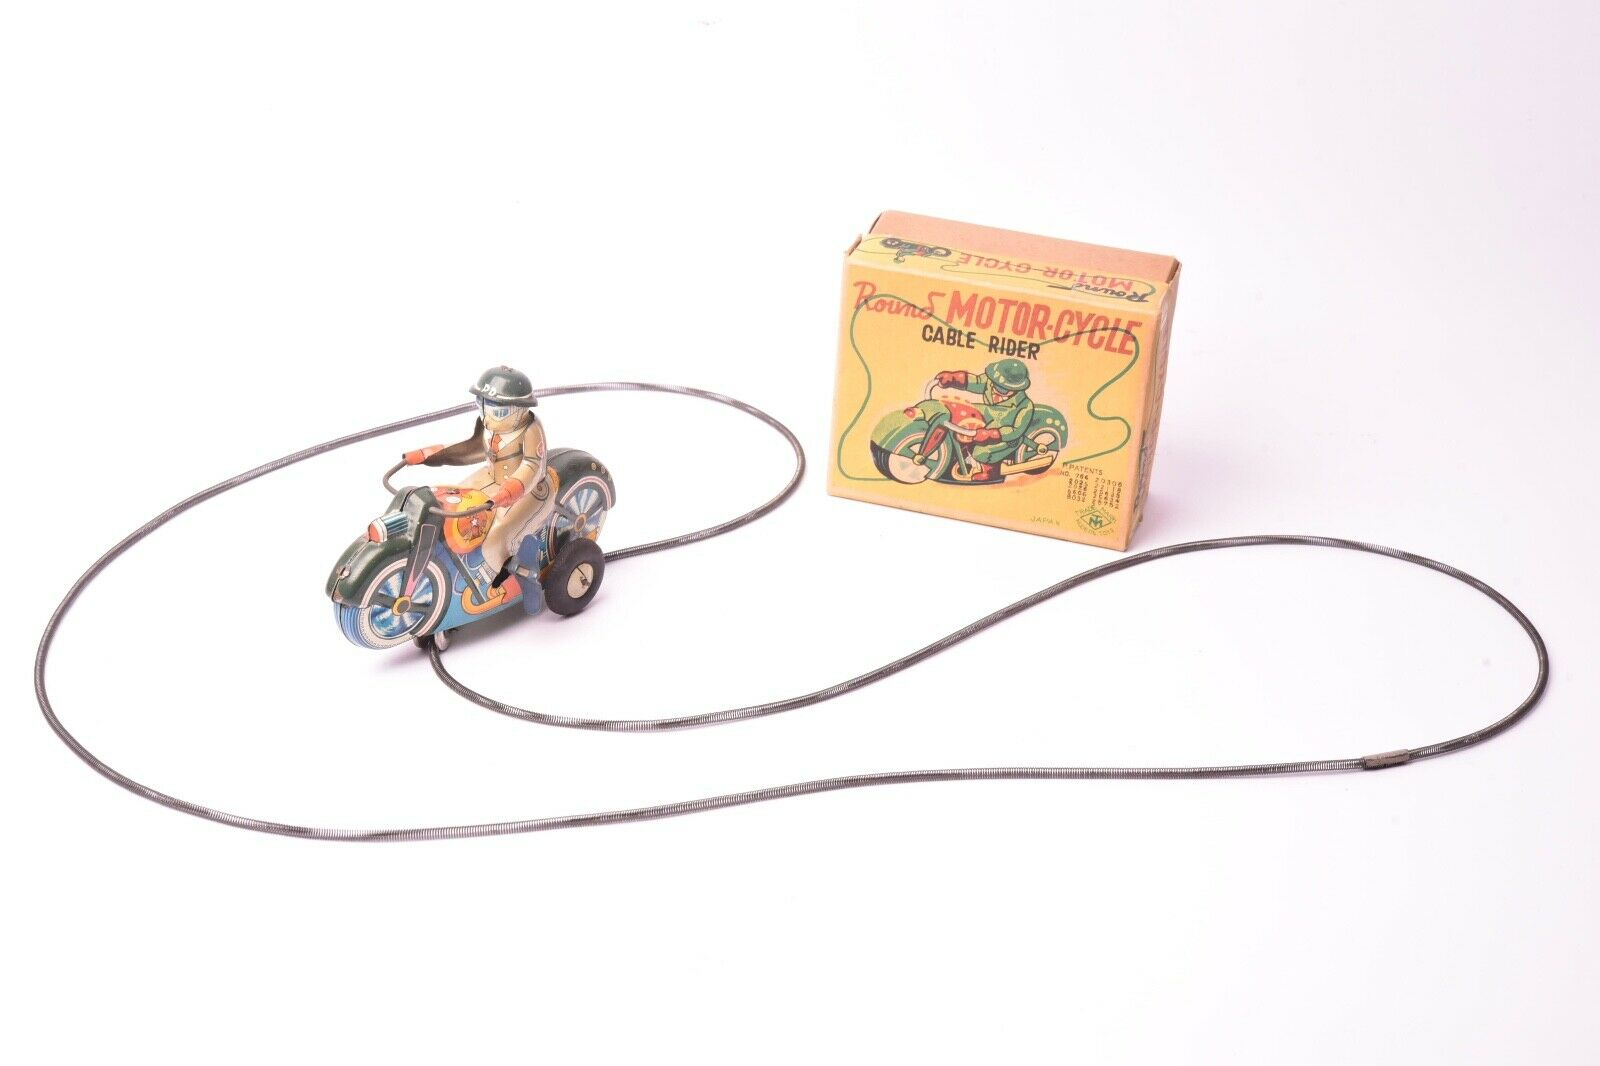 Juguete Ancien. Moto Cable, Moto Militar Chapa Litografiado, Japón MT, 1950